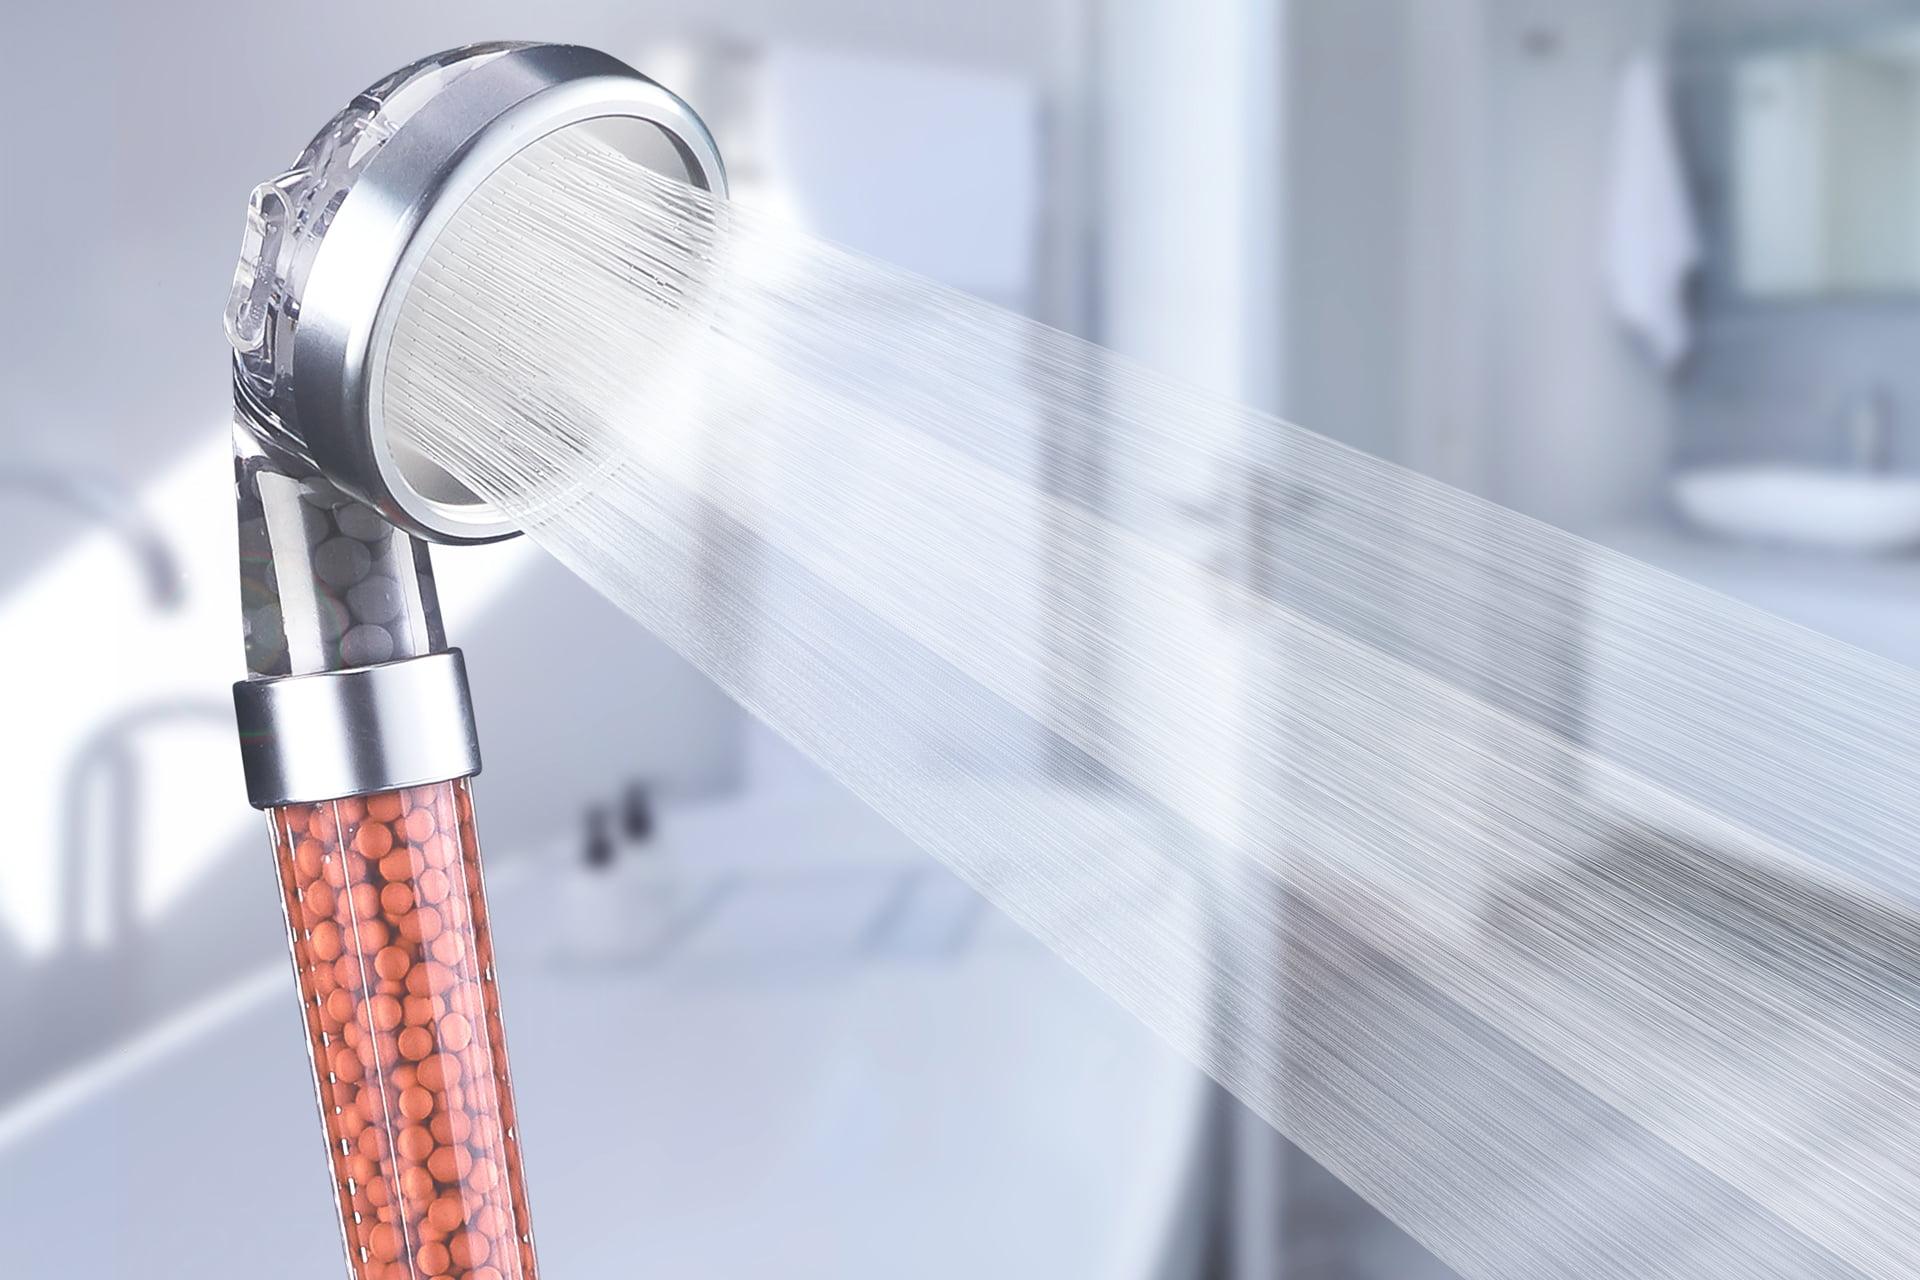 Prisma Shower Duschkopf 3 - PRISMA Premium Duschkopf für ein einzigartiges Duscherlebnis